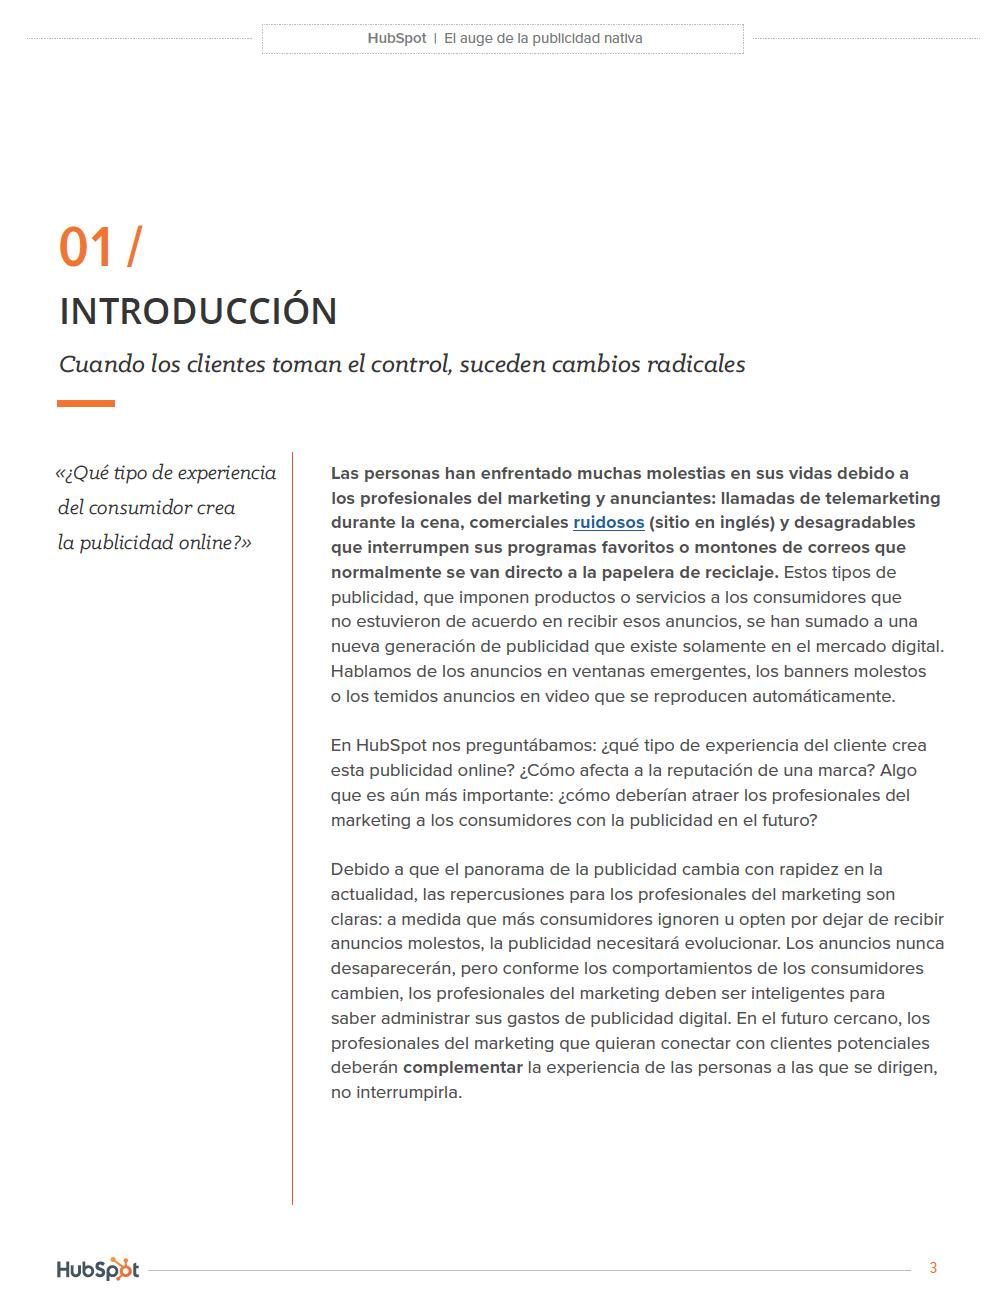 Informe sobre los anuncios en Latinoamérica